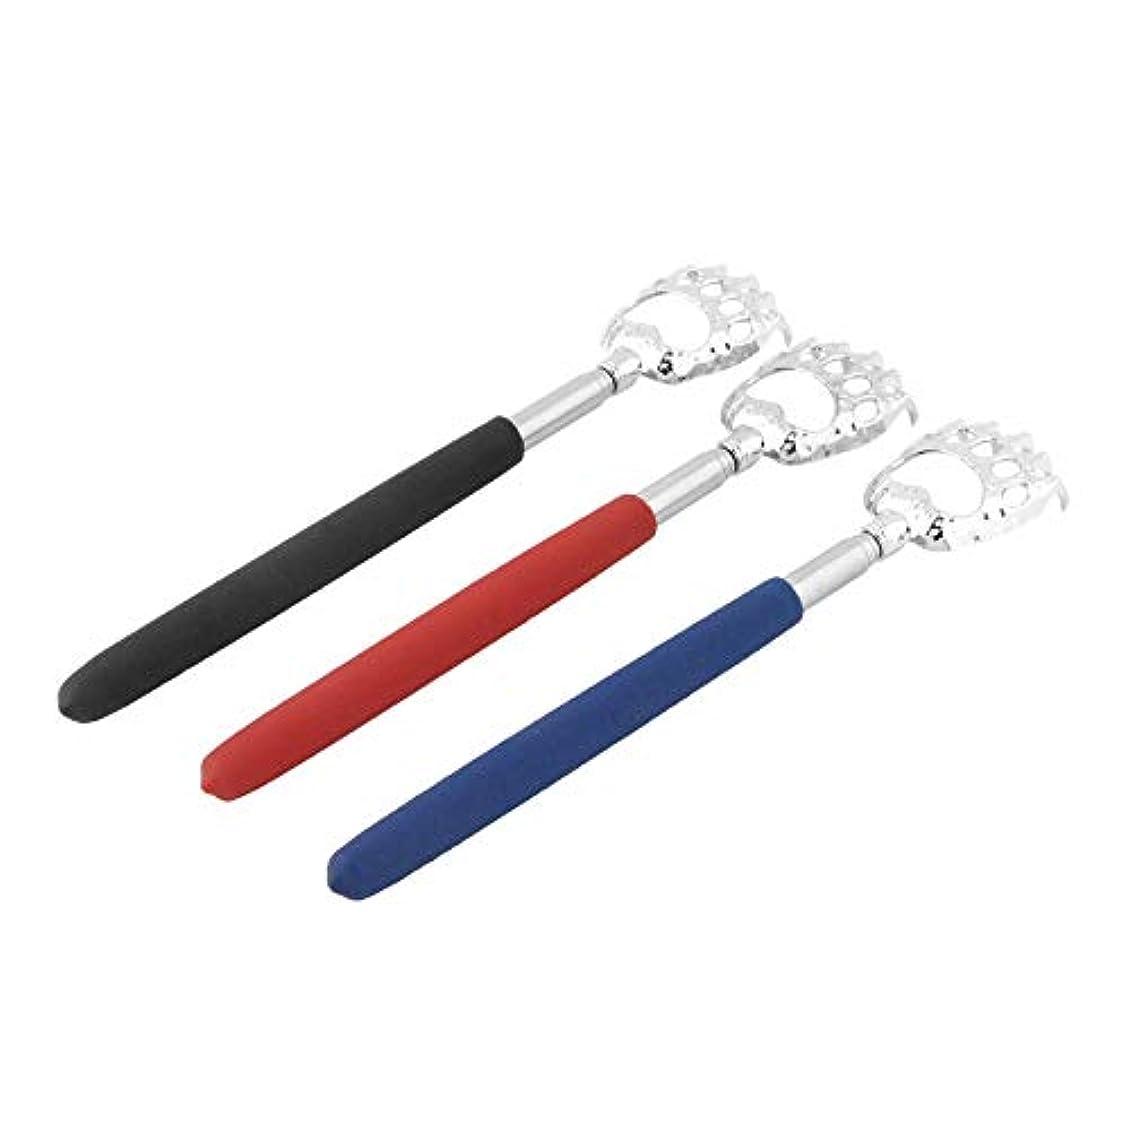 争いファシズムモデレータHot Selling 10pcs Bear Claw healthy Back Scratcher Zinc alloy Portable Extendable Handy Pocket Pen Clip Back Scratcher